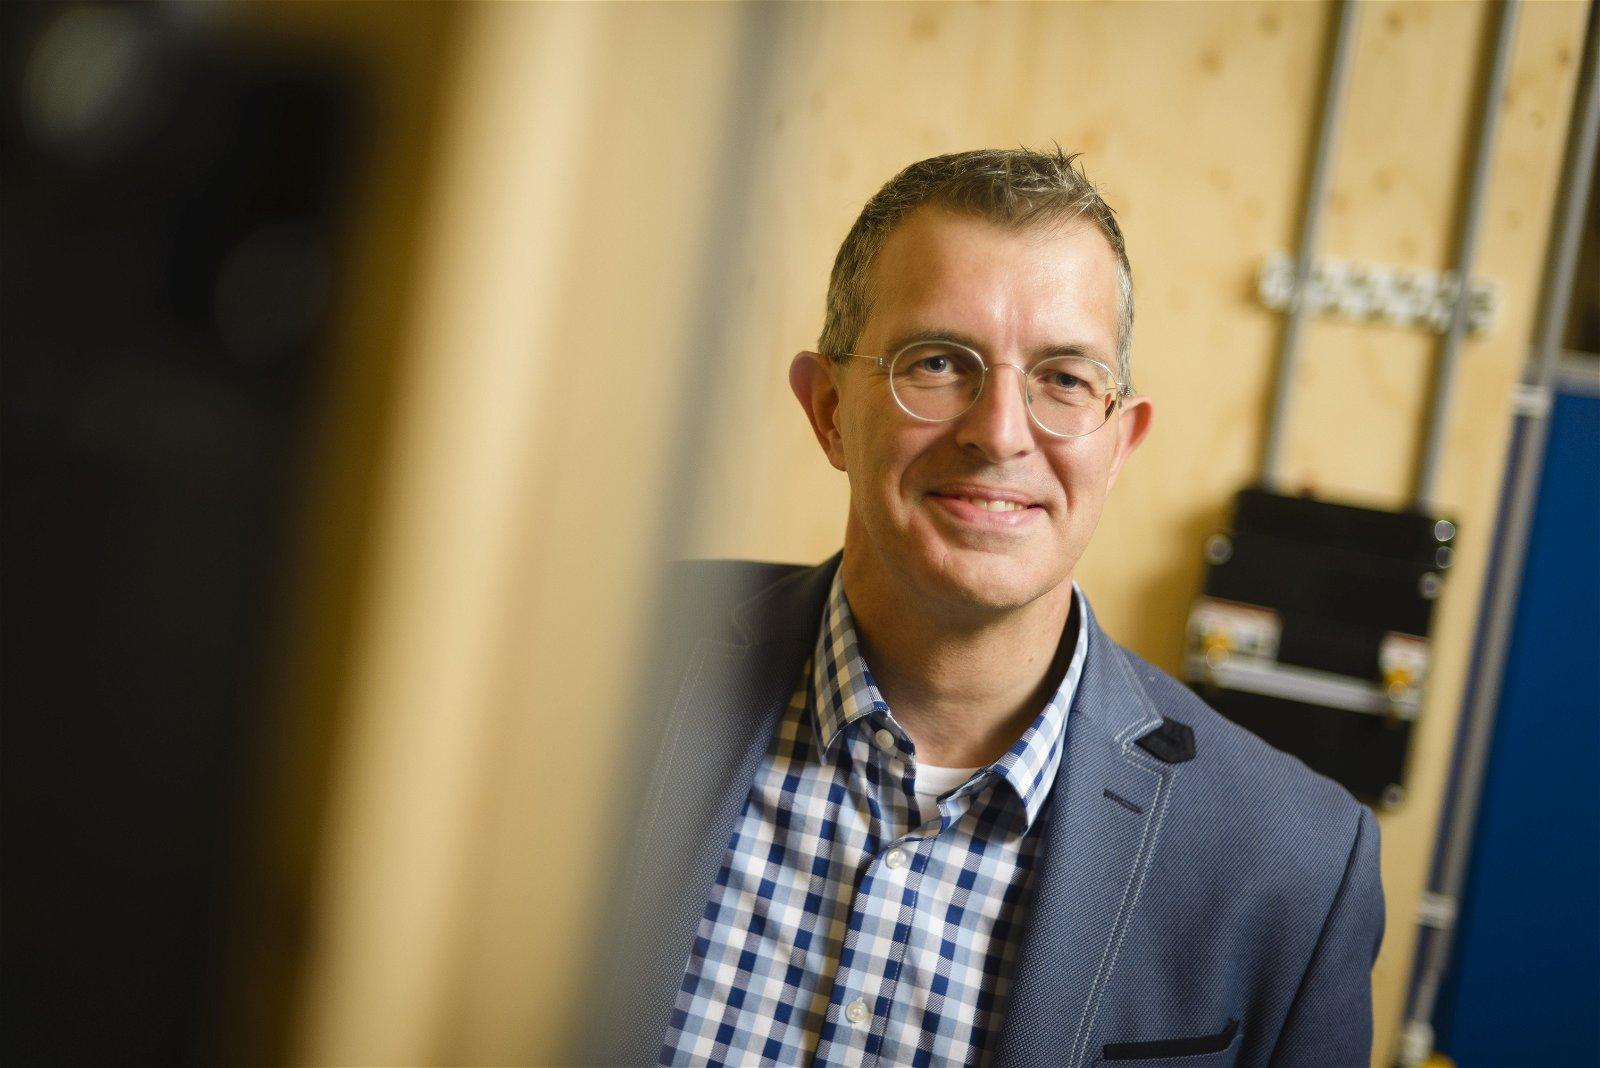 Regio directeur West Freddy van Peer van Hoppenbrouwers Techniek